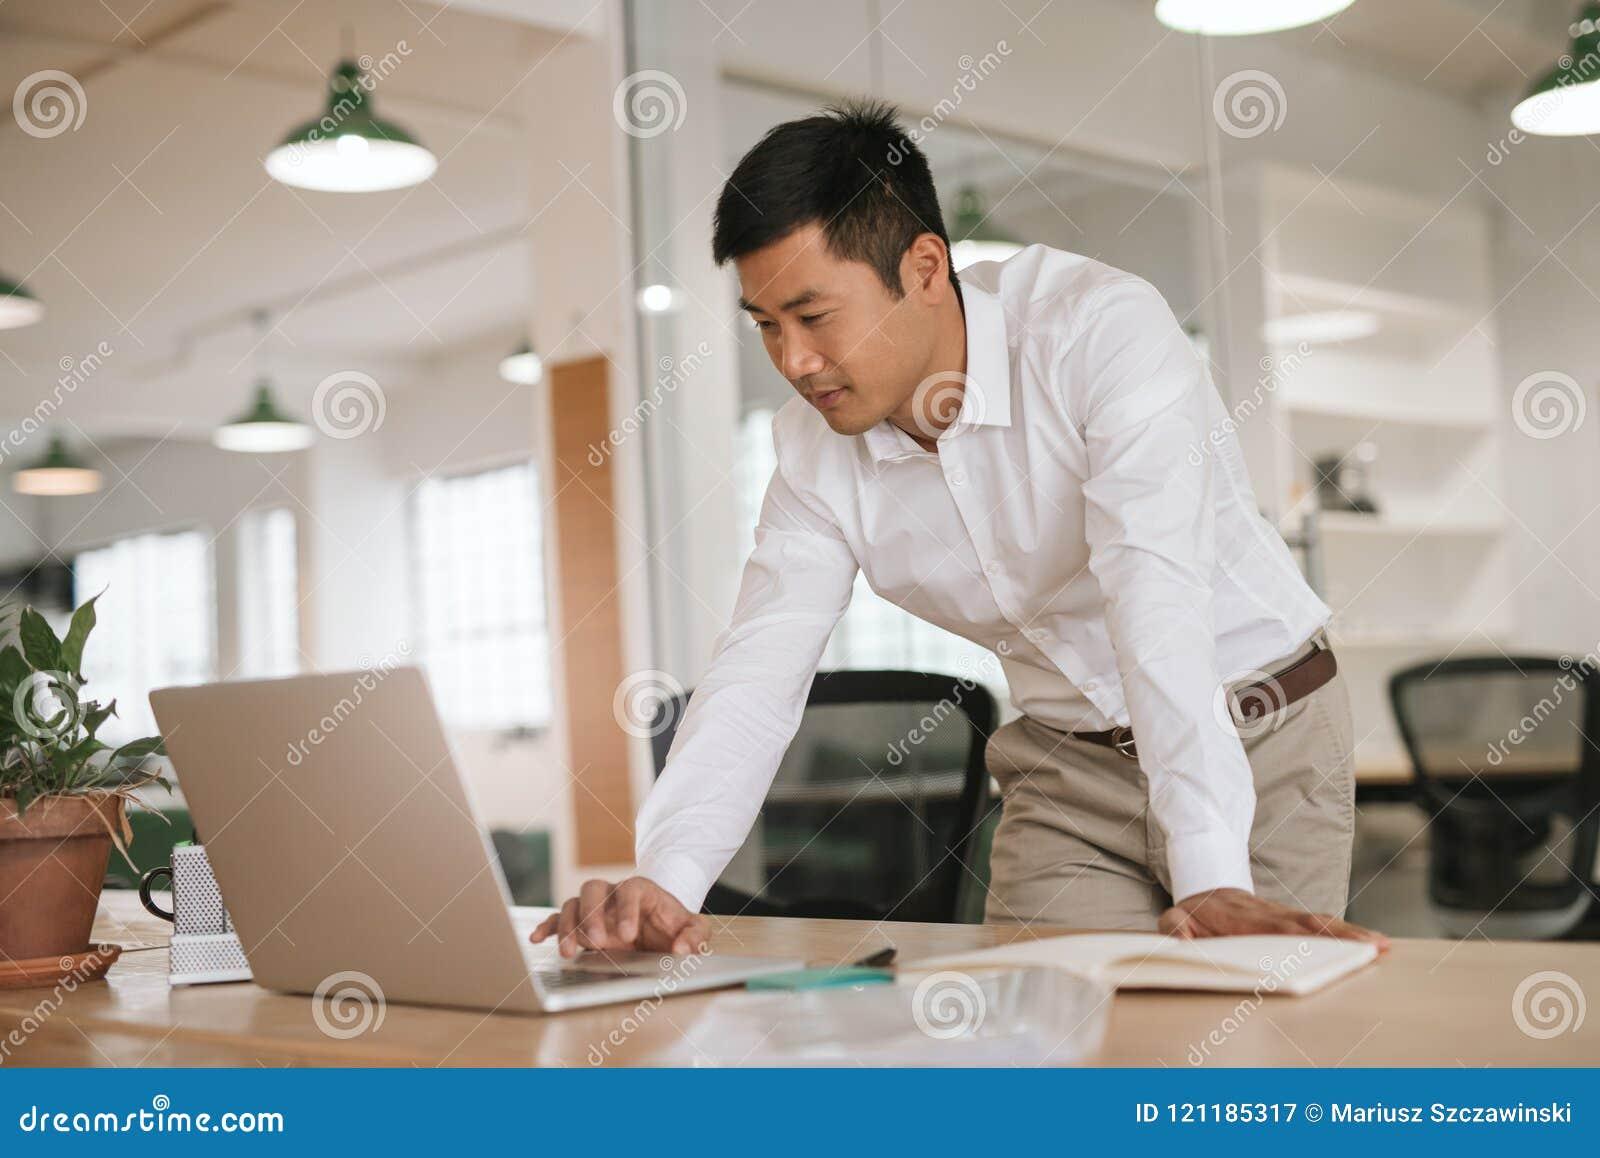 Geconcentreerde jonge Aziatische zakenman die online bij zijn bureau werken